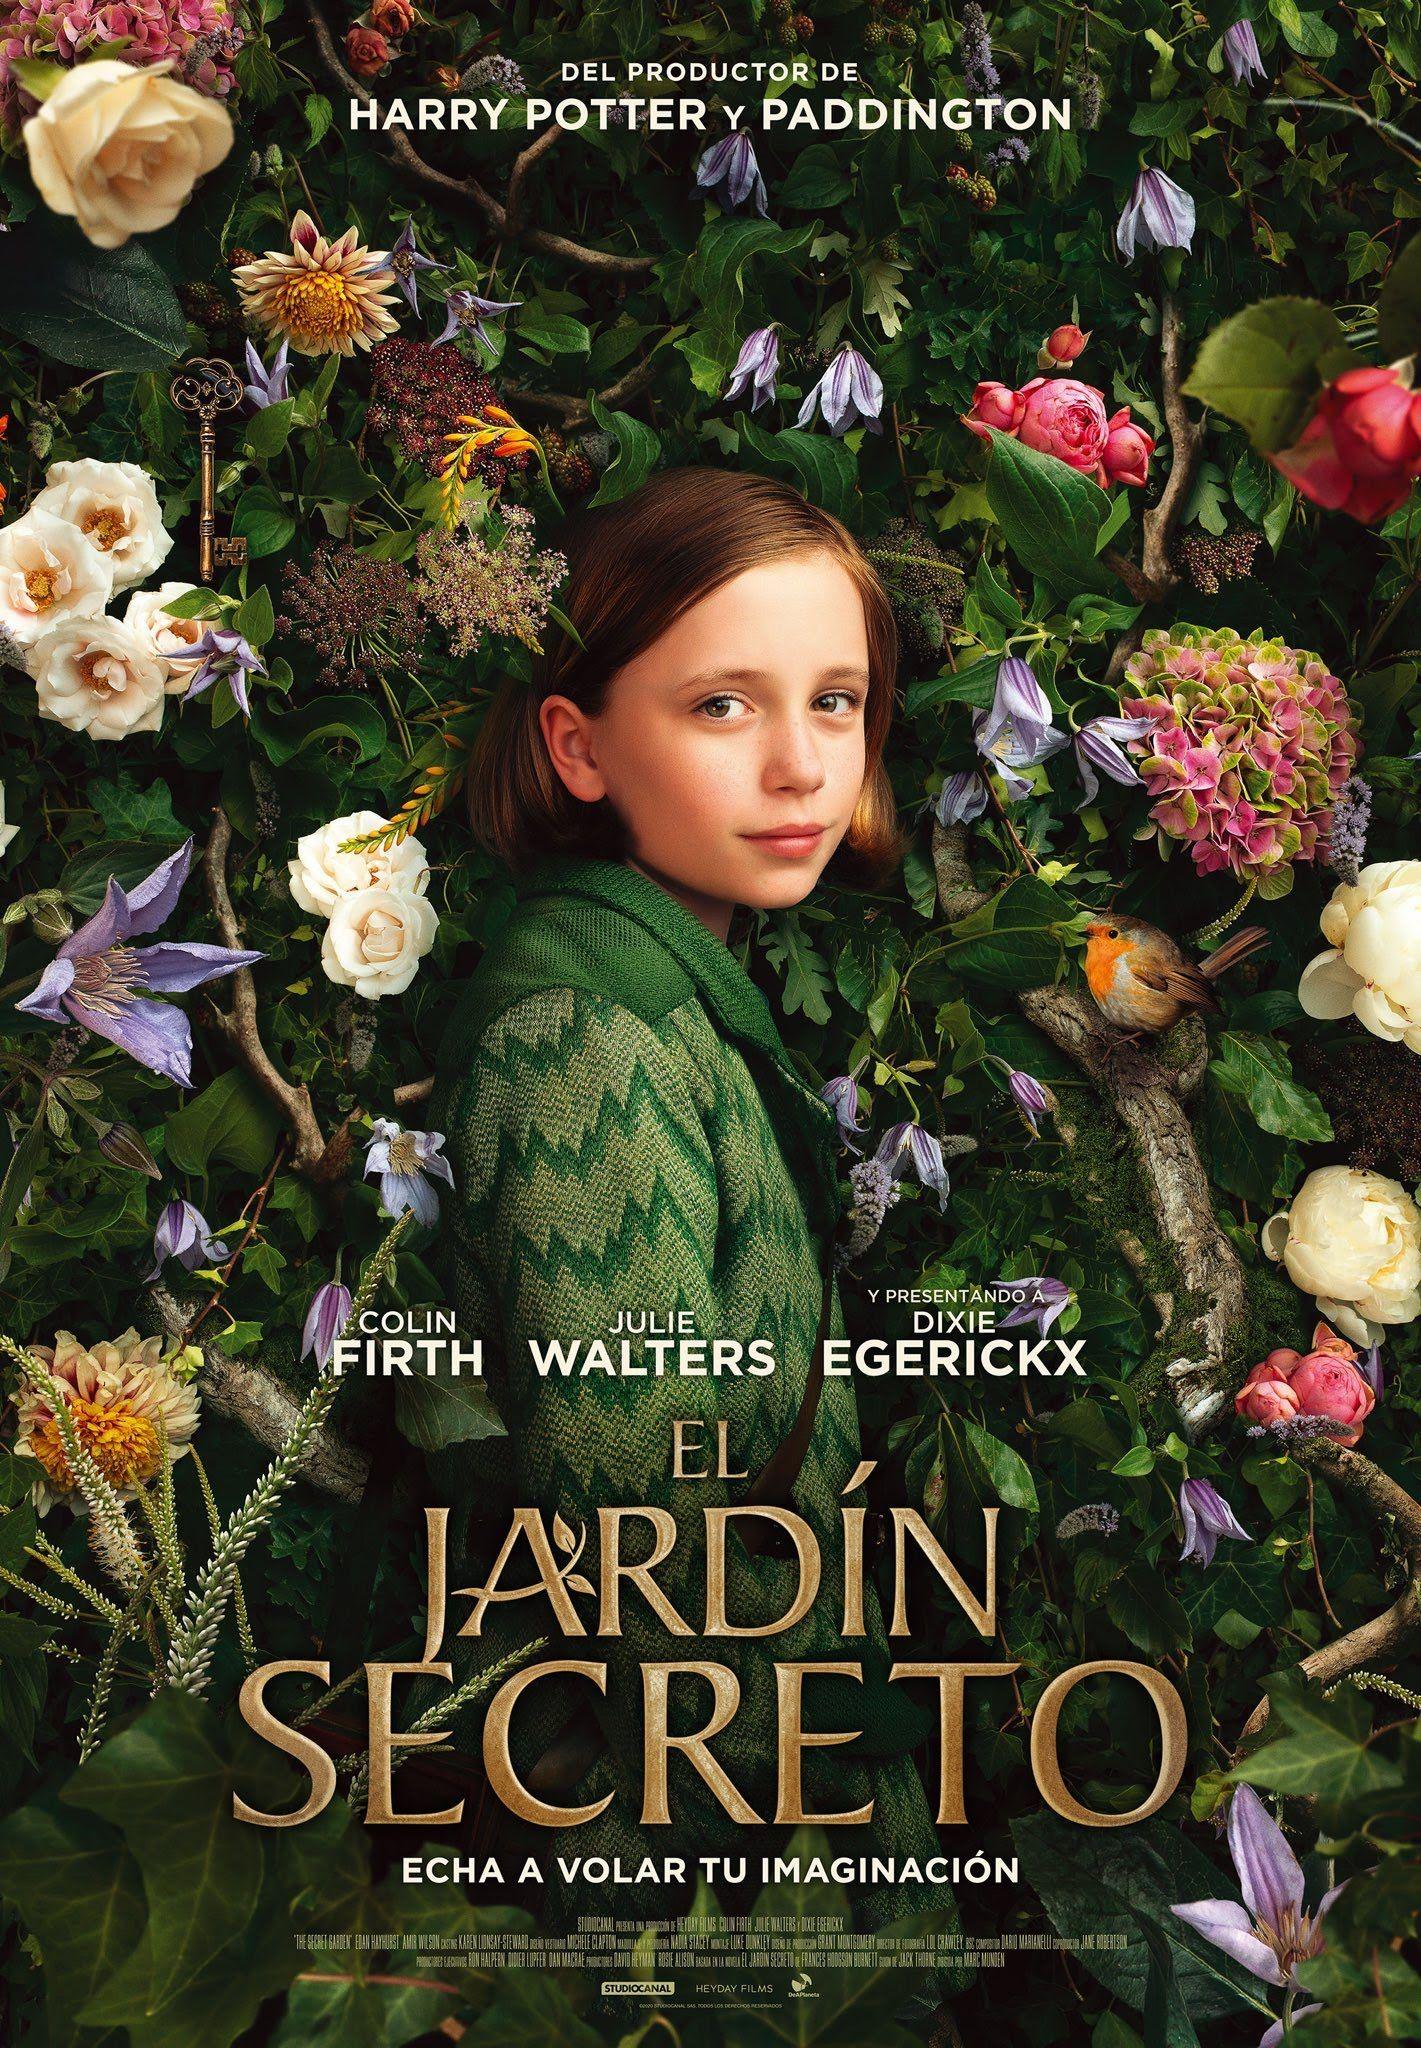 El jardín secreto en 2020 Jardines secretos, El jardin